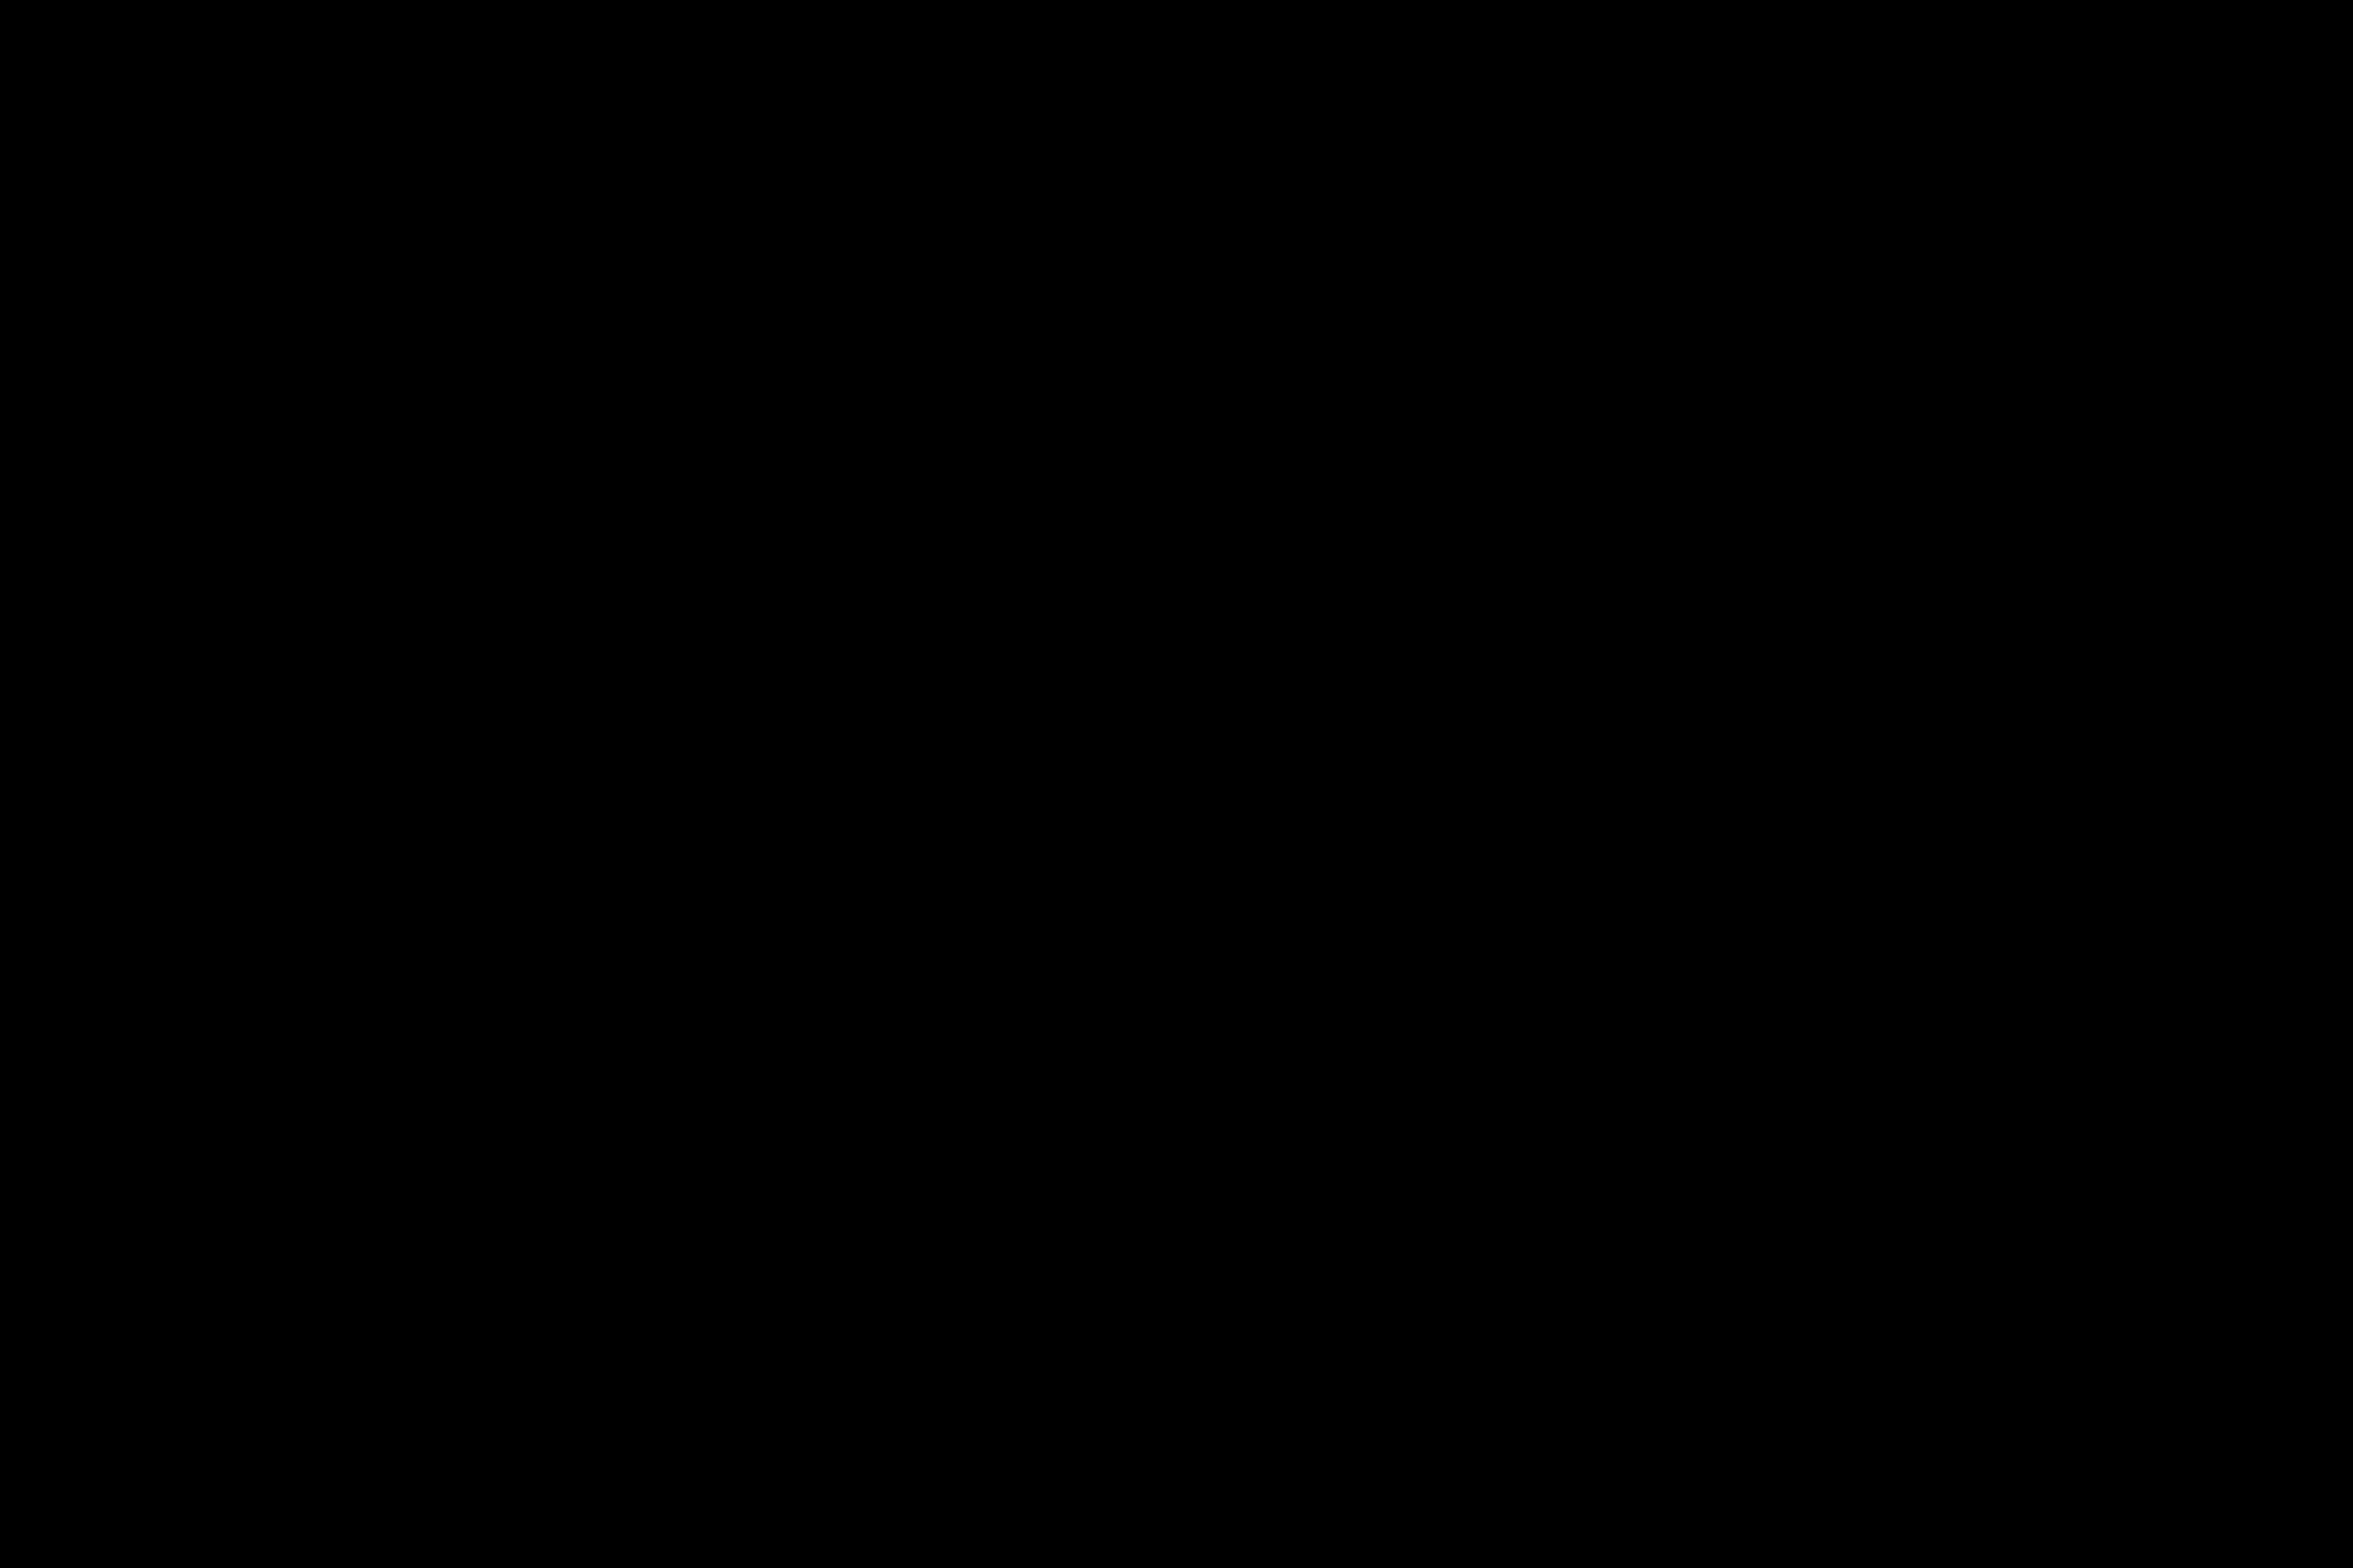 Calendrier lunaire gratuit webcalendrier for Jardin lune juin 2015